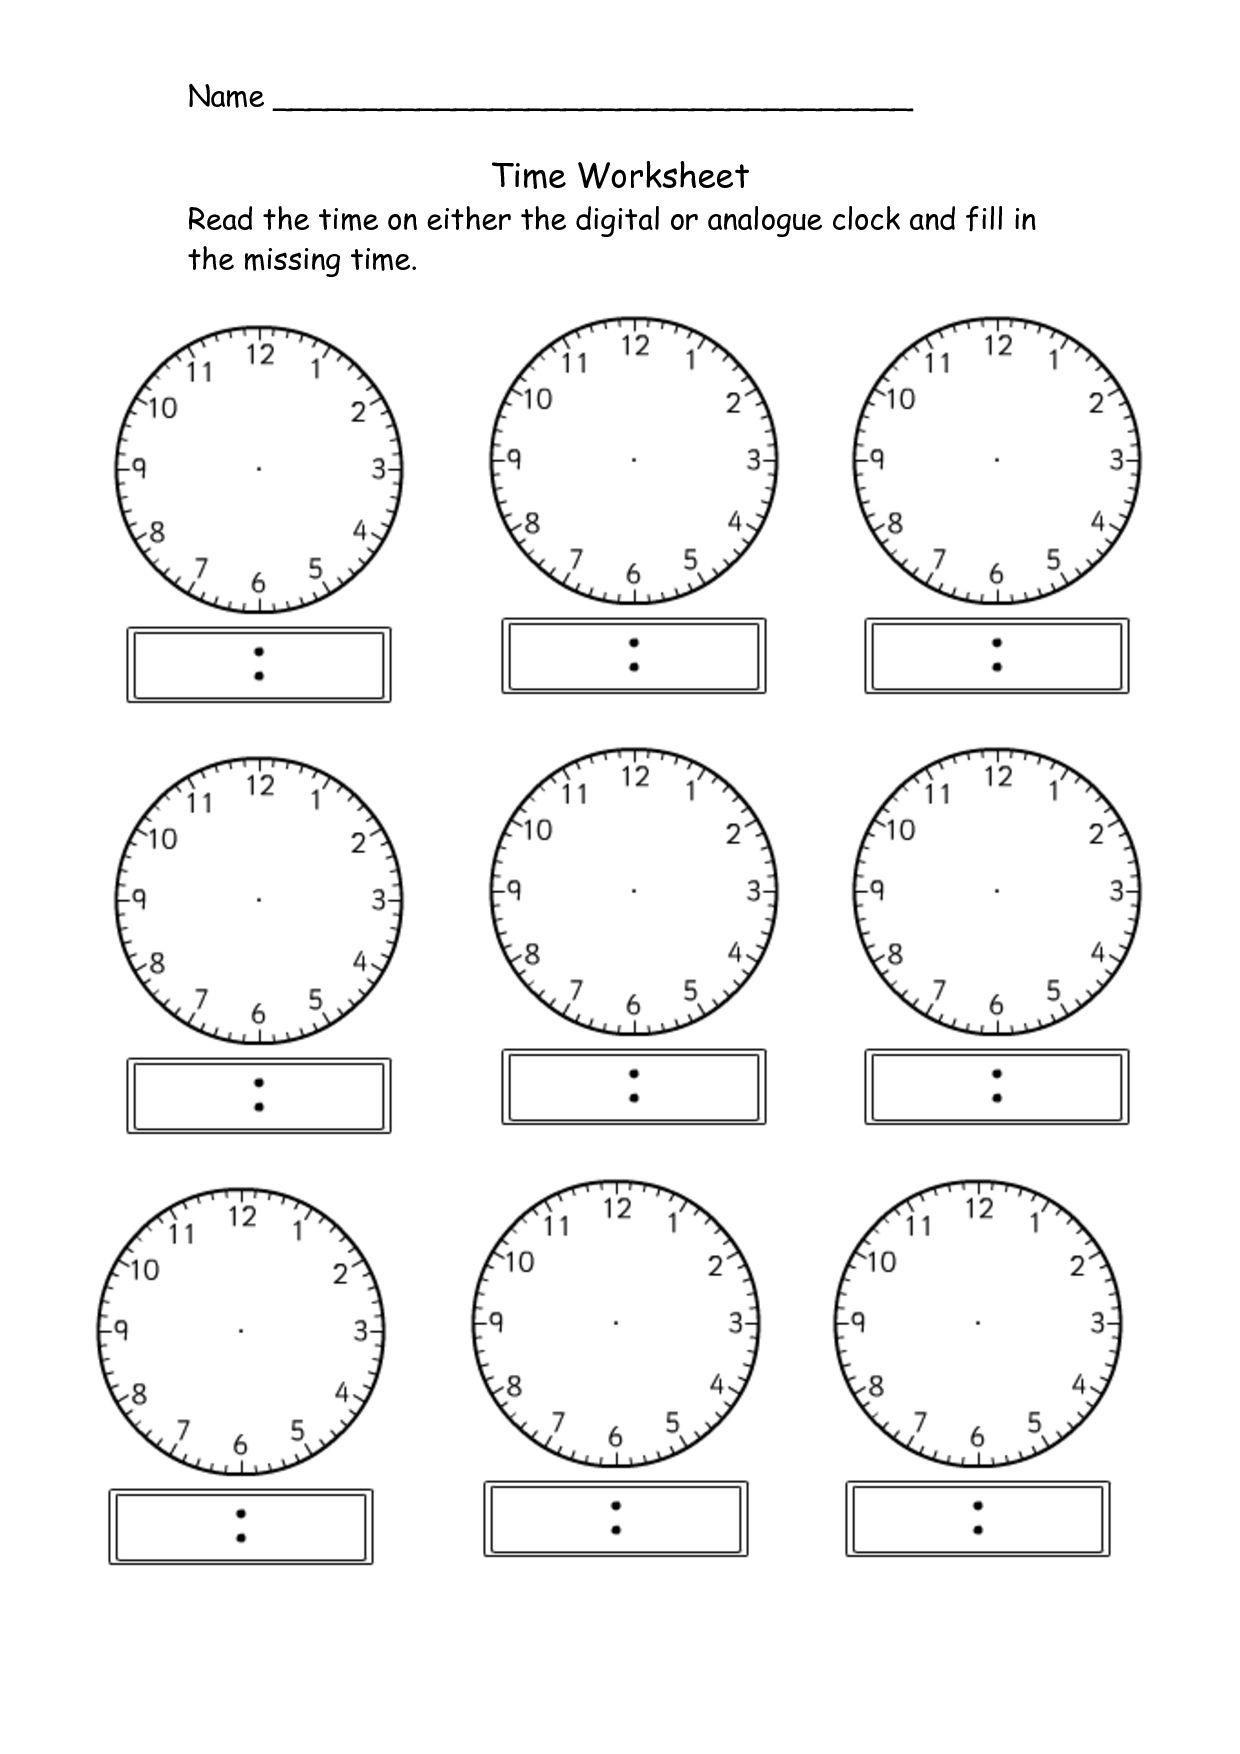 3rd Grade Time Worksheets